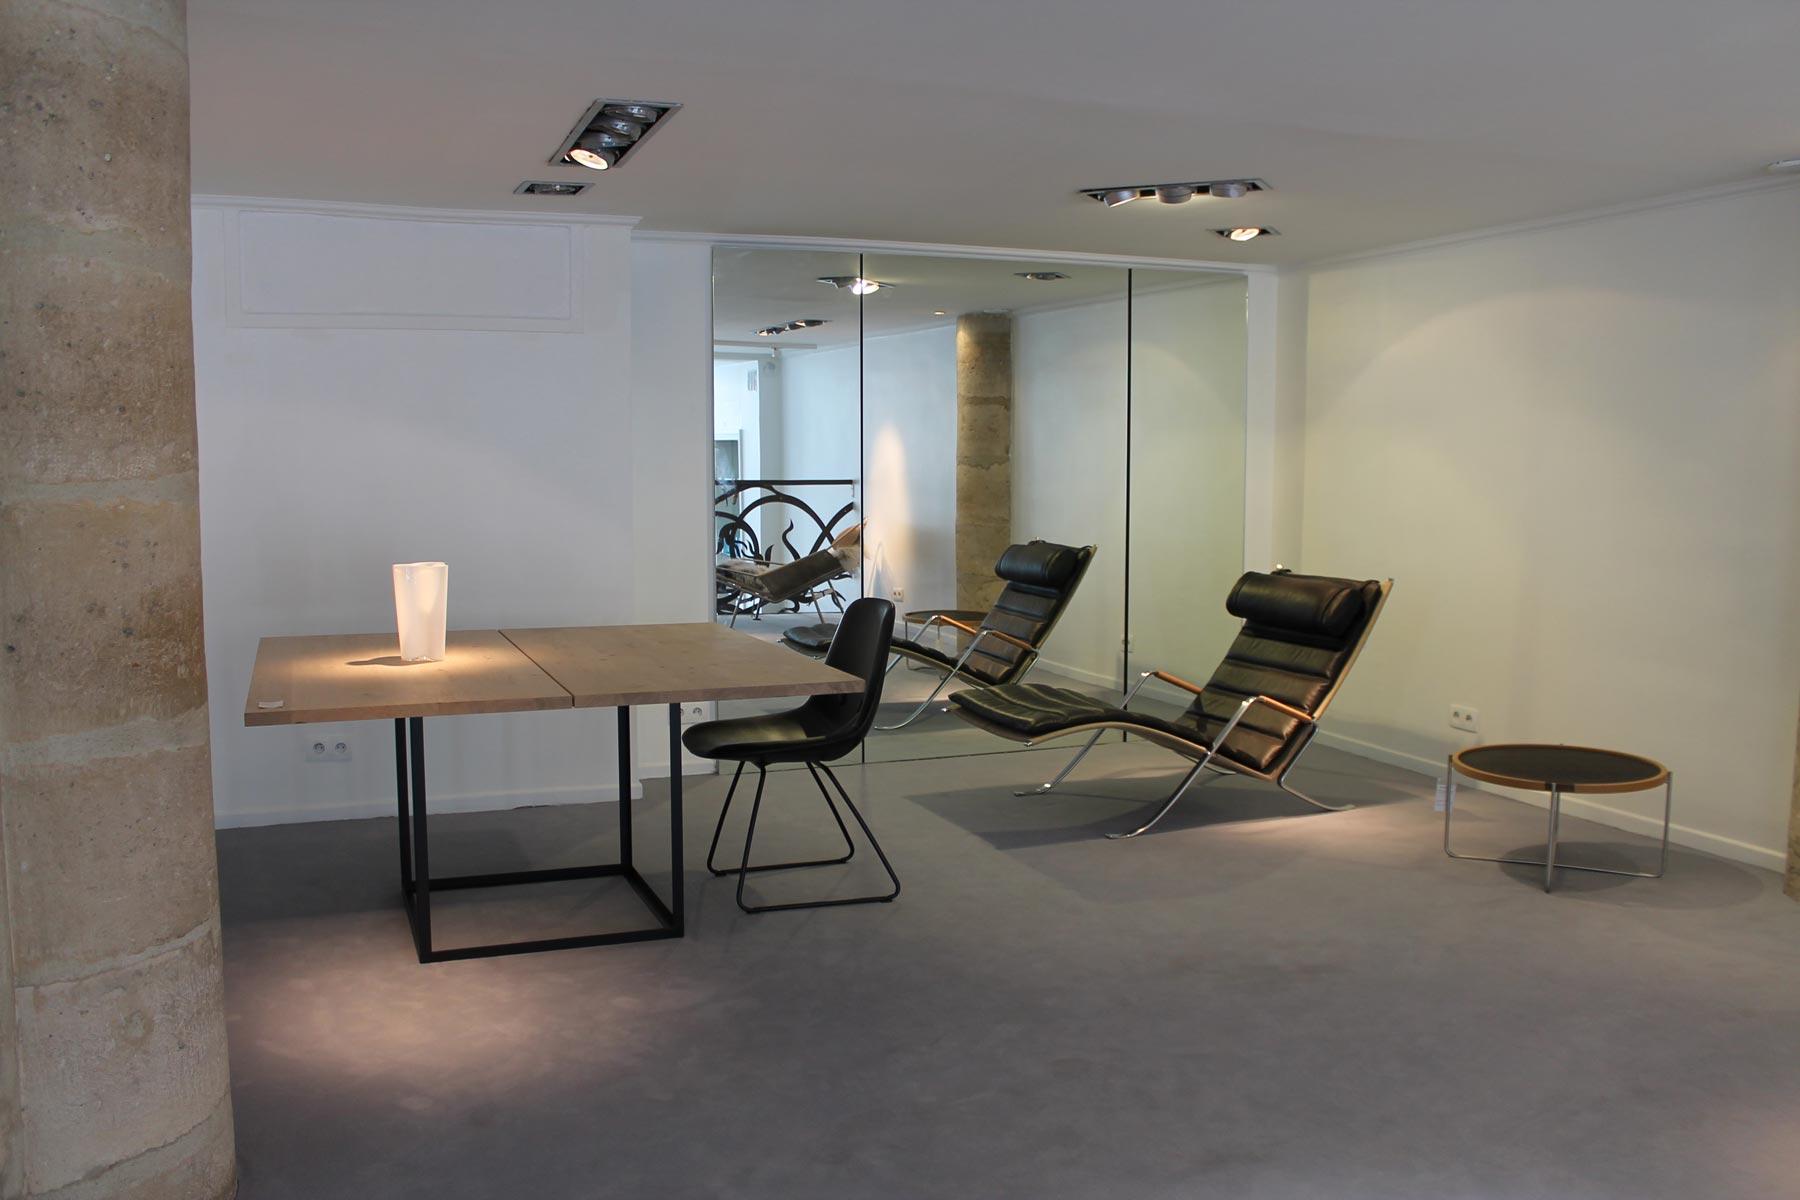 magasins design scandinave la boutique danoise www